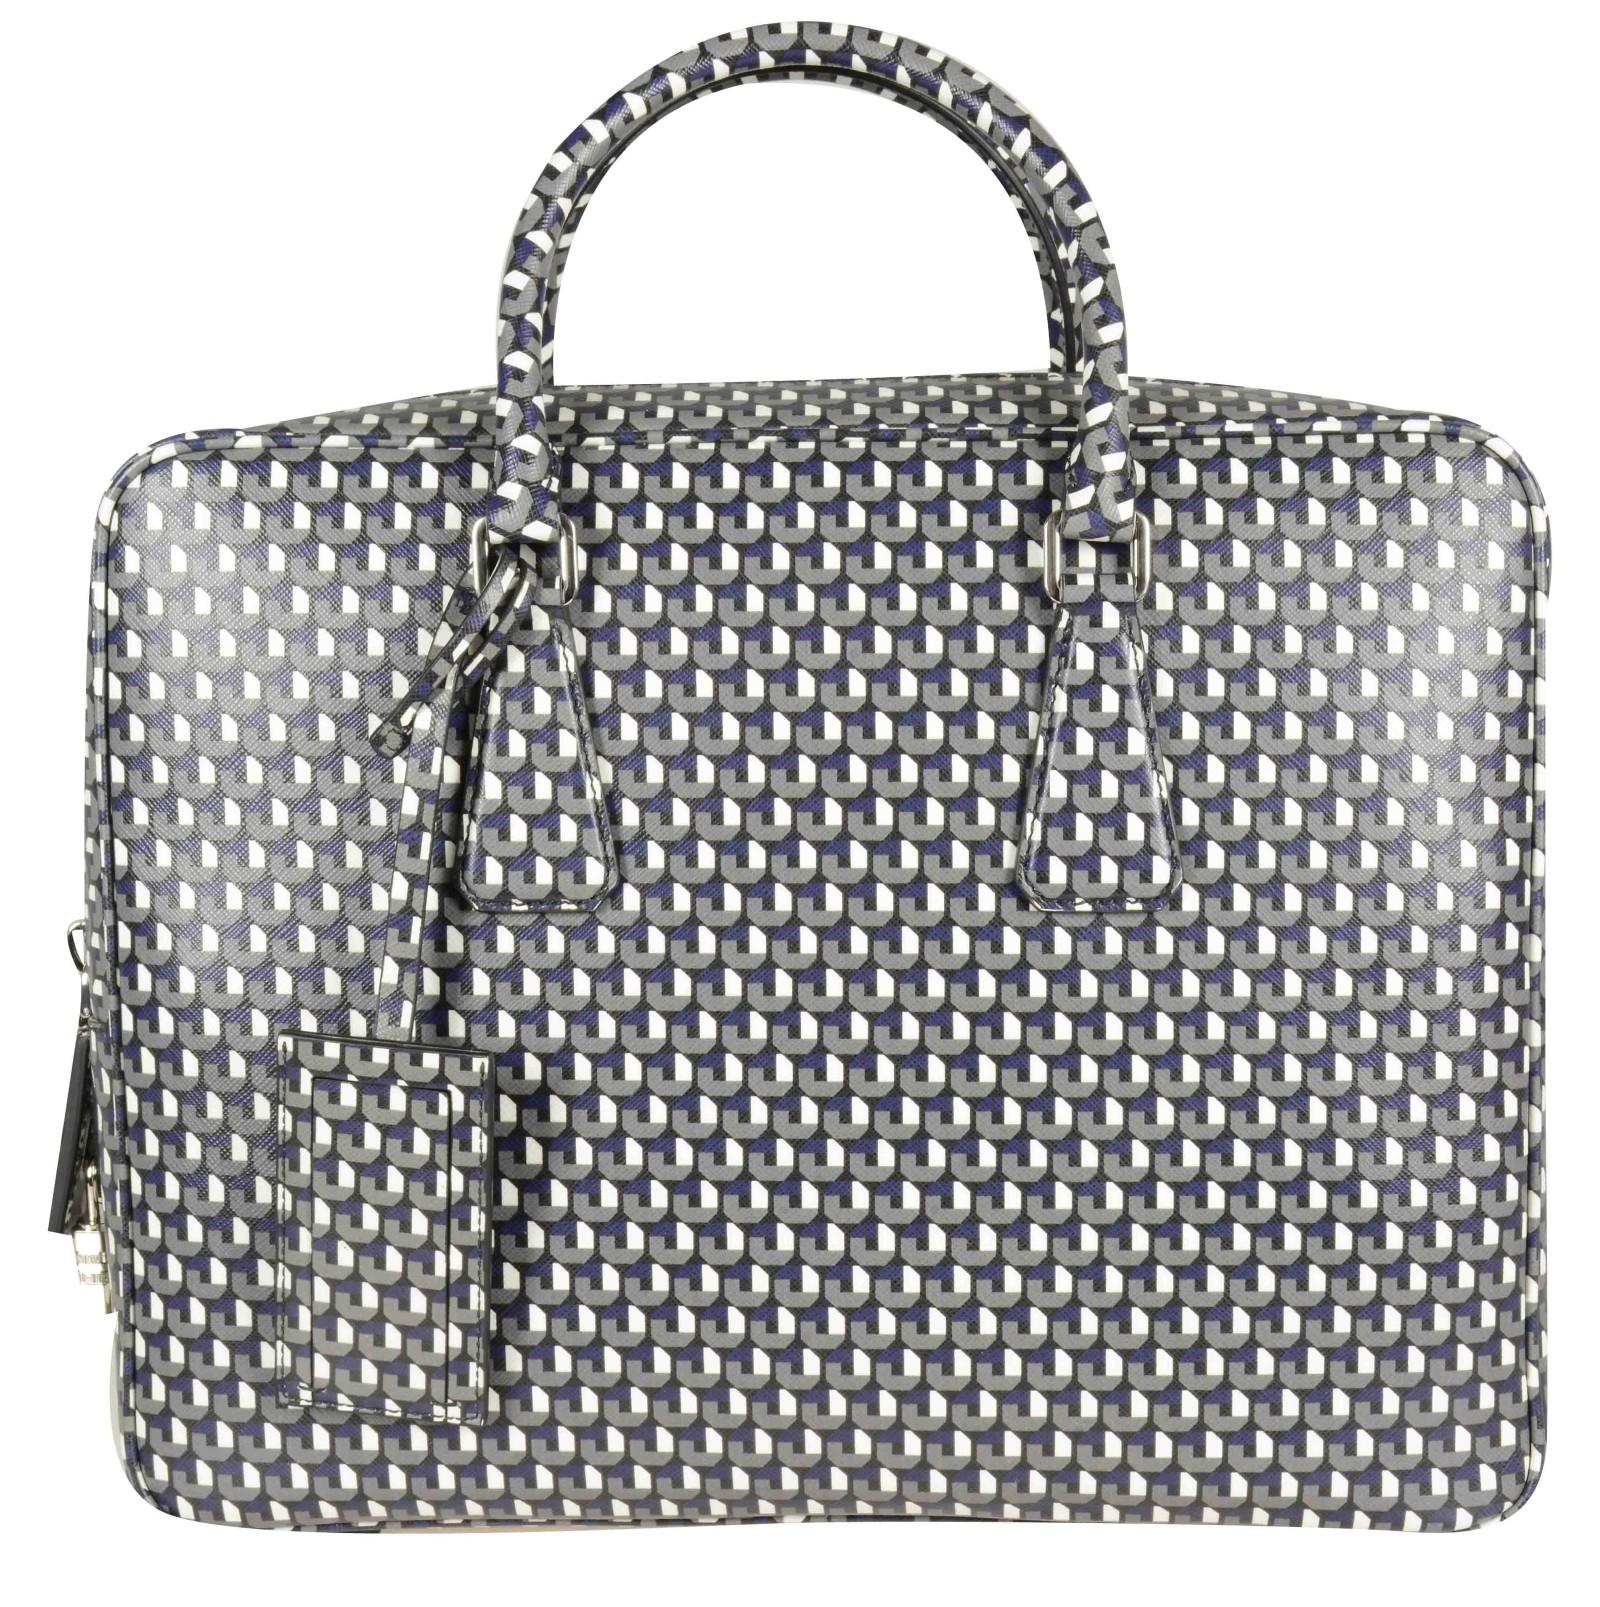 Borse A Tracolla Uomo Prada : Prada borsa tracolla nylon large leather tote